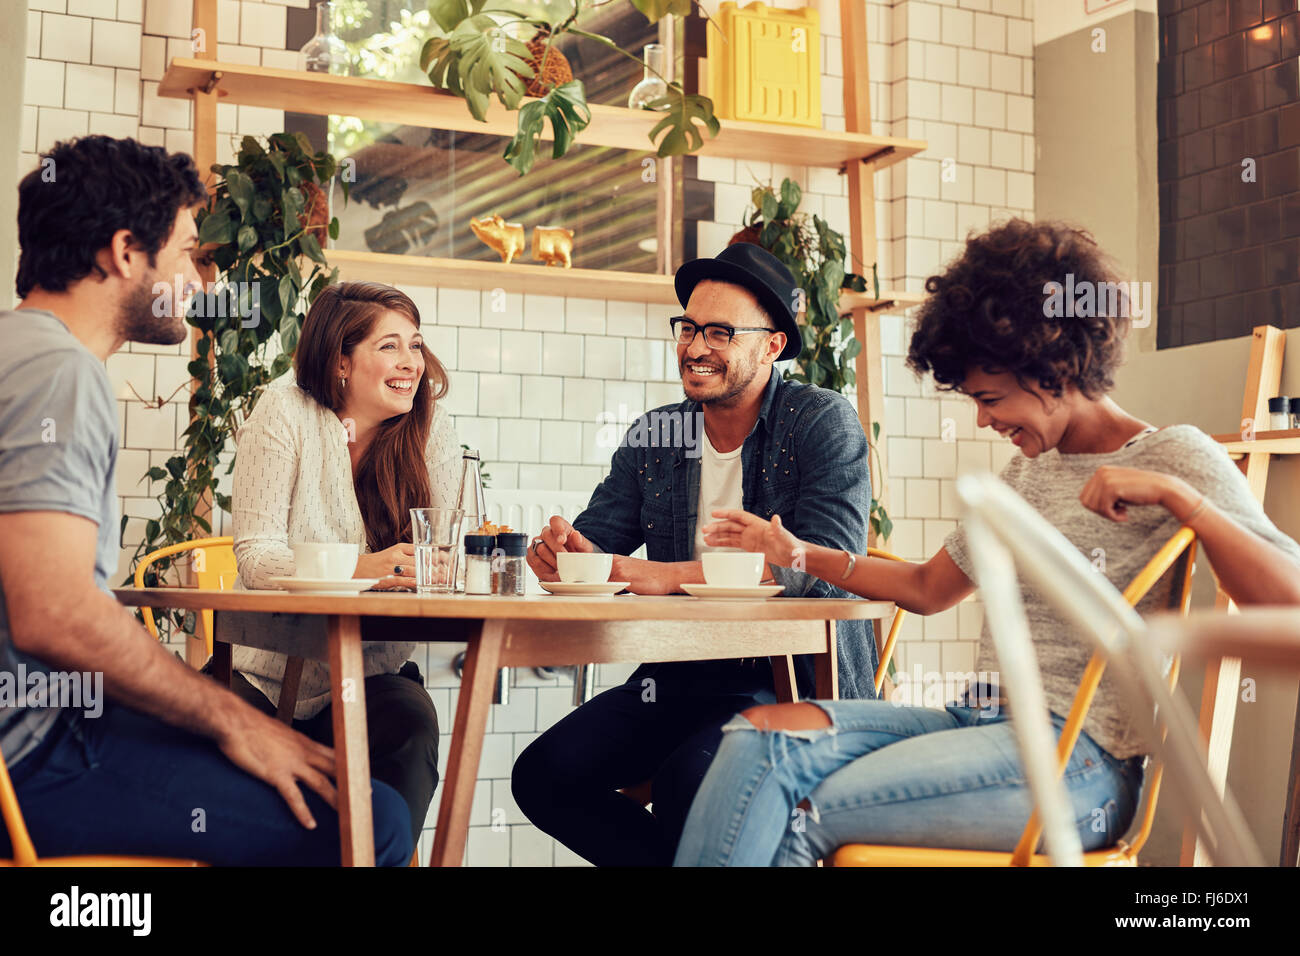 Grupo de amigos disfrutando en el café juntos. Los jóvenes reunidos en un café. Hombres y mujeres jóvenes sentados en la mesita de café y smilin Foto de stock